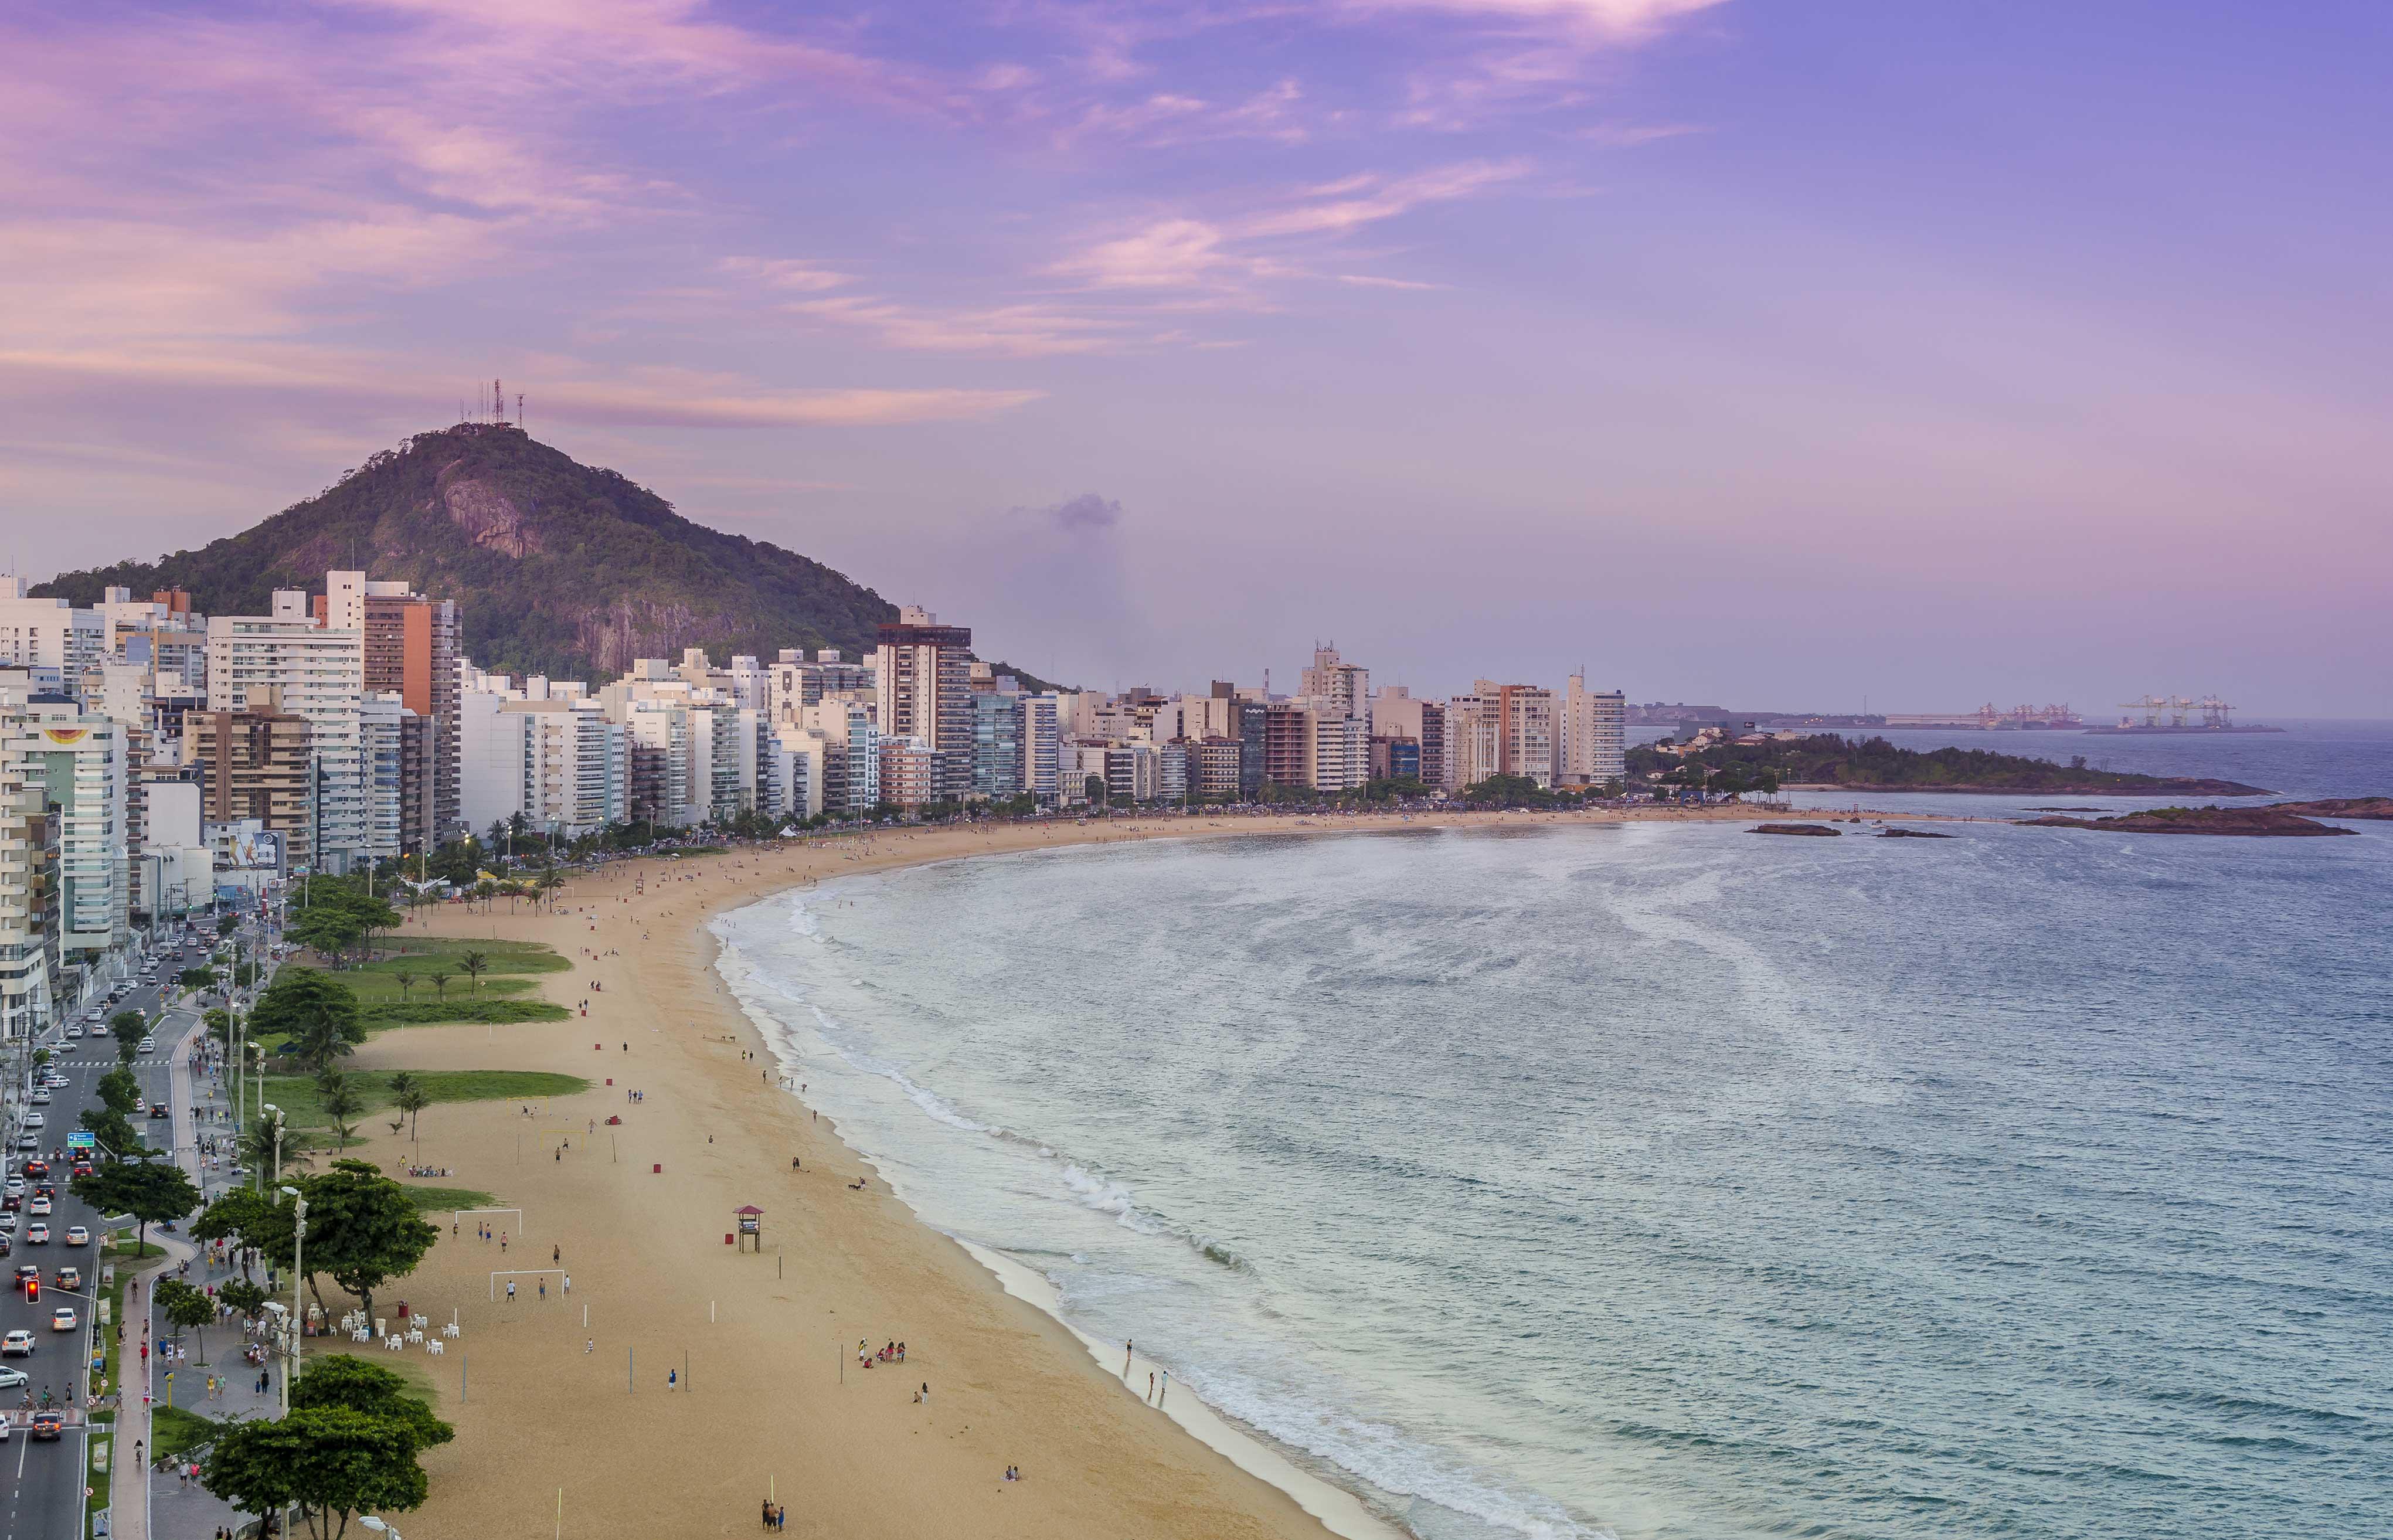 Praia da Costa e o Morro do Moreno